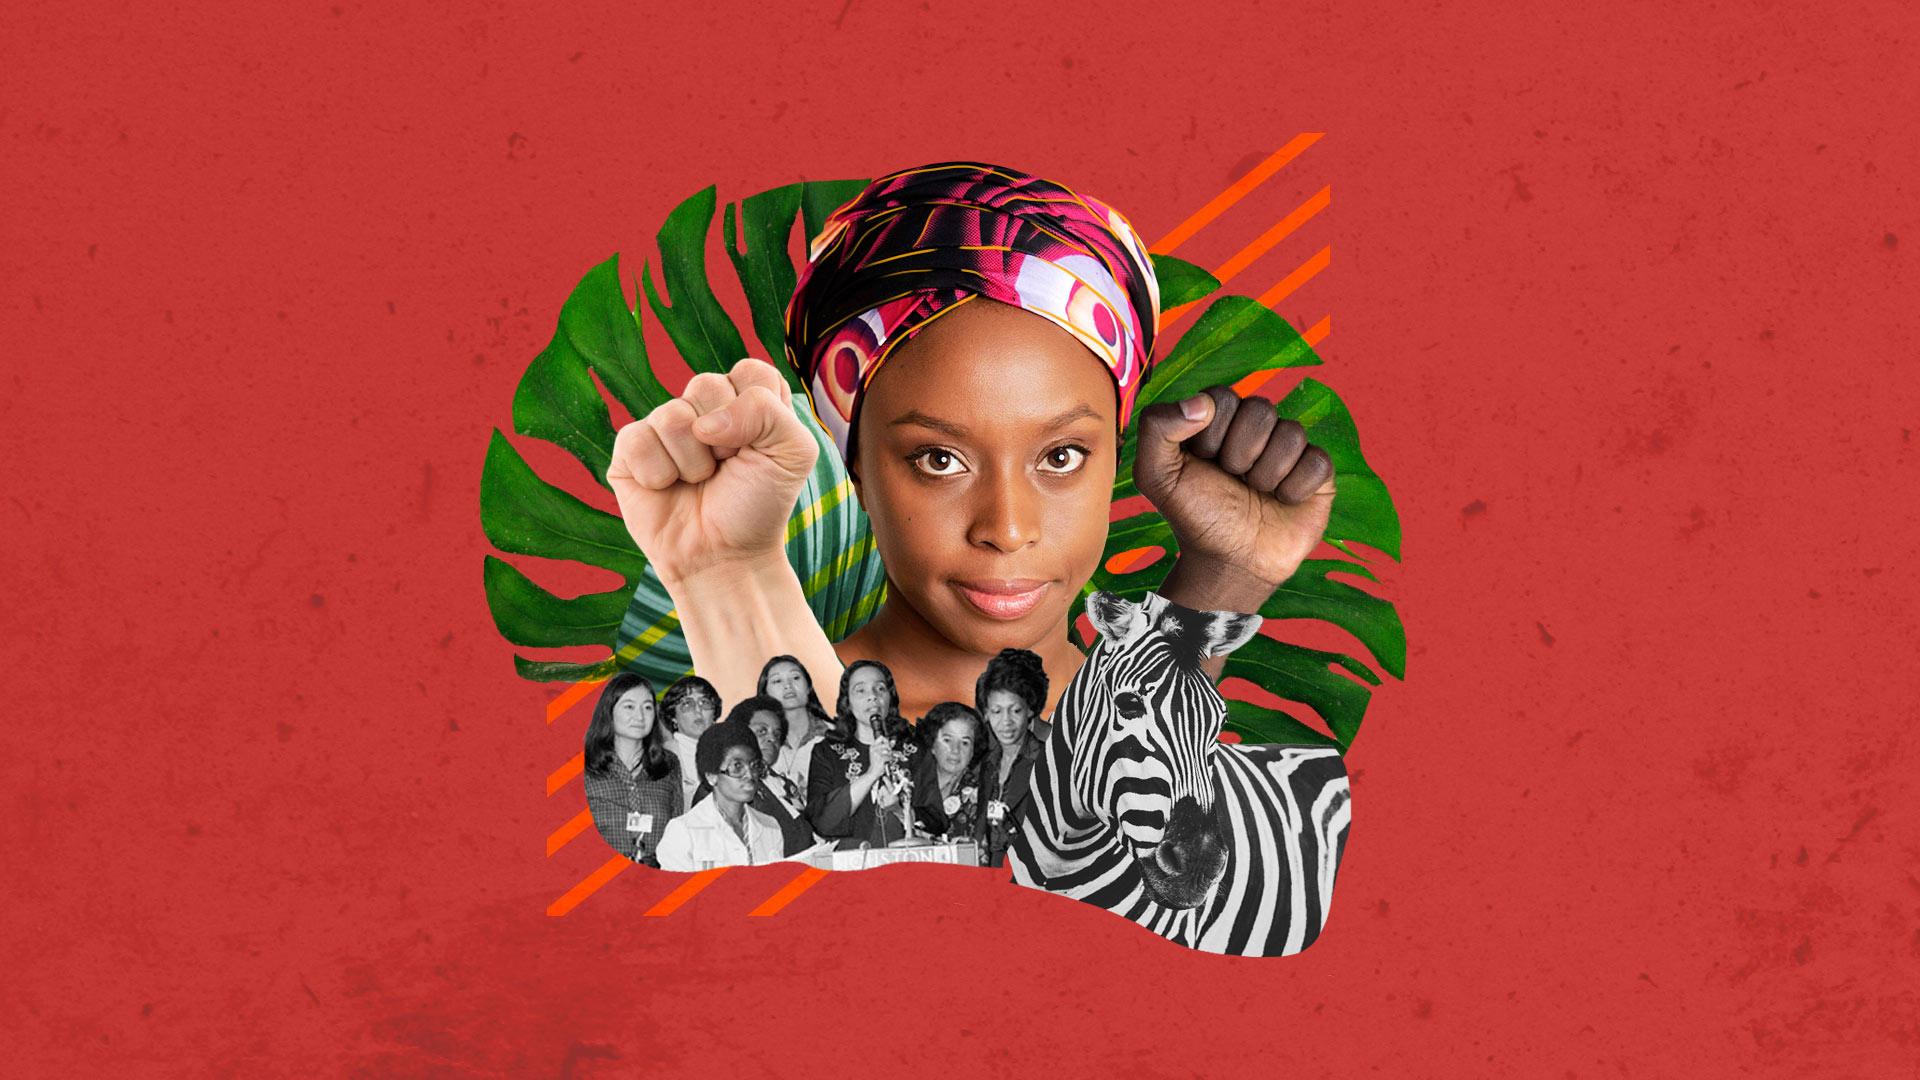 ¿Por qué Colombia debería ponerle atención a Chimamanda Ngozi Adichie?